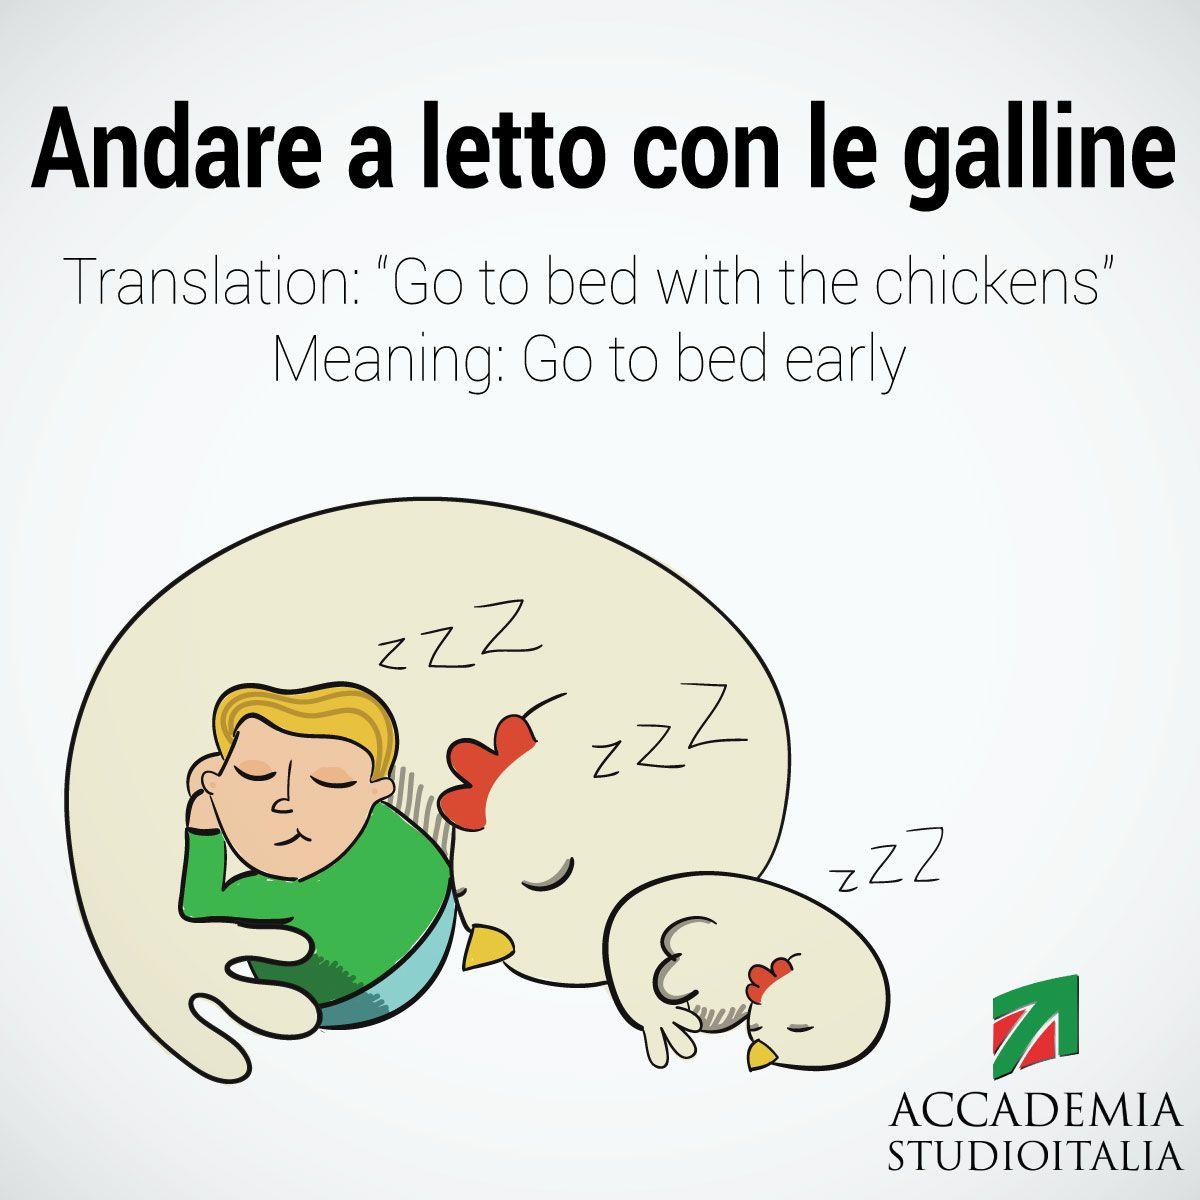 Andare a letto con le galline Italian expression meaning